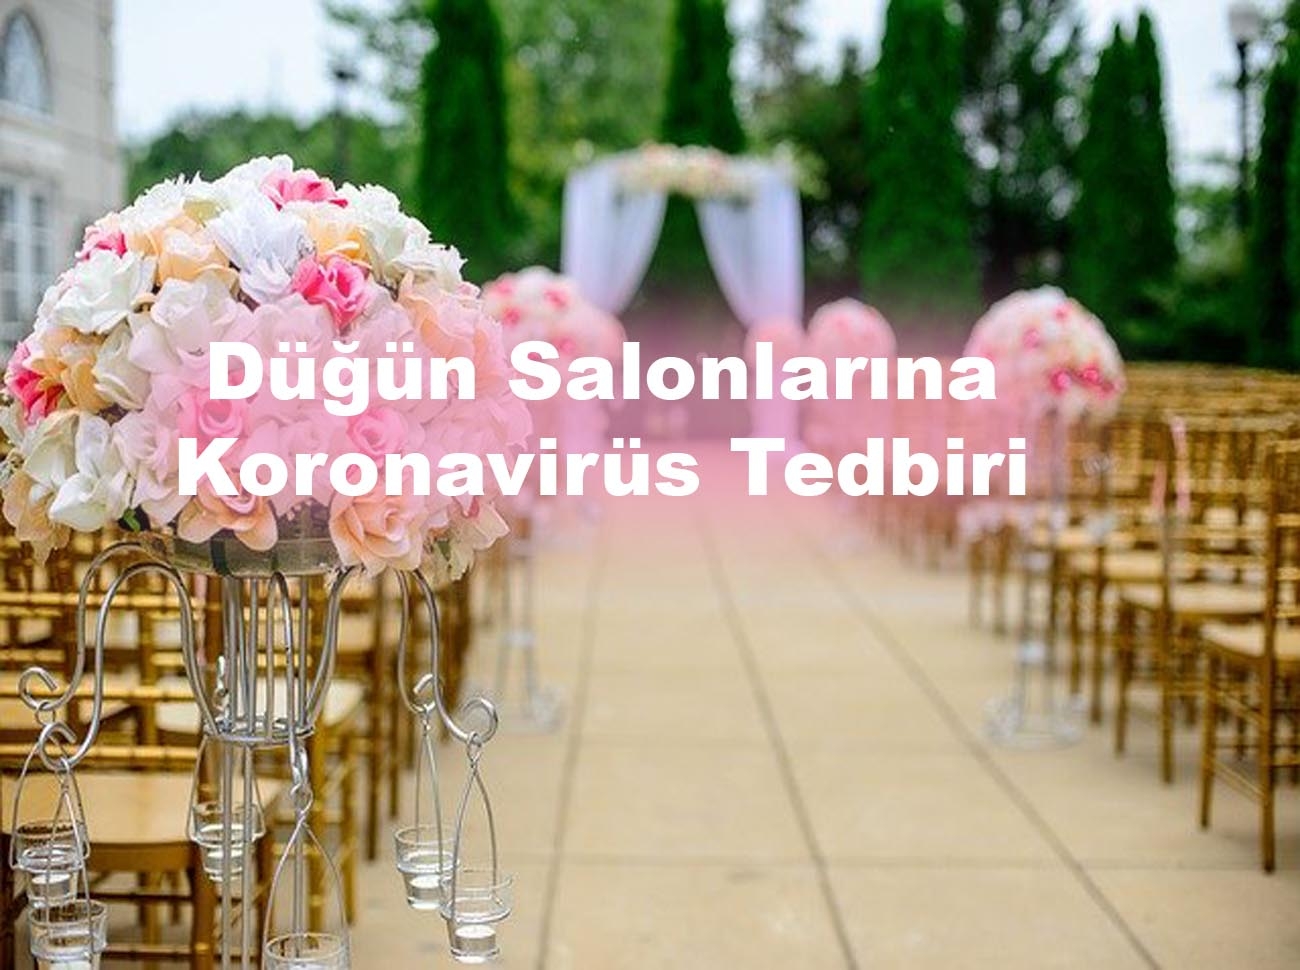 Düğün Salonlarına Koronavirüs Tedbiri